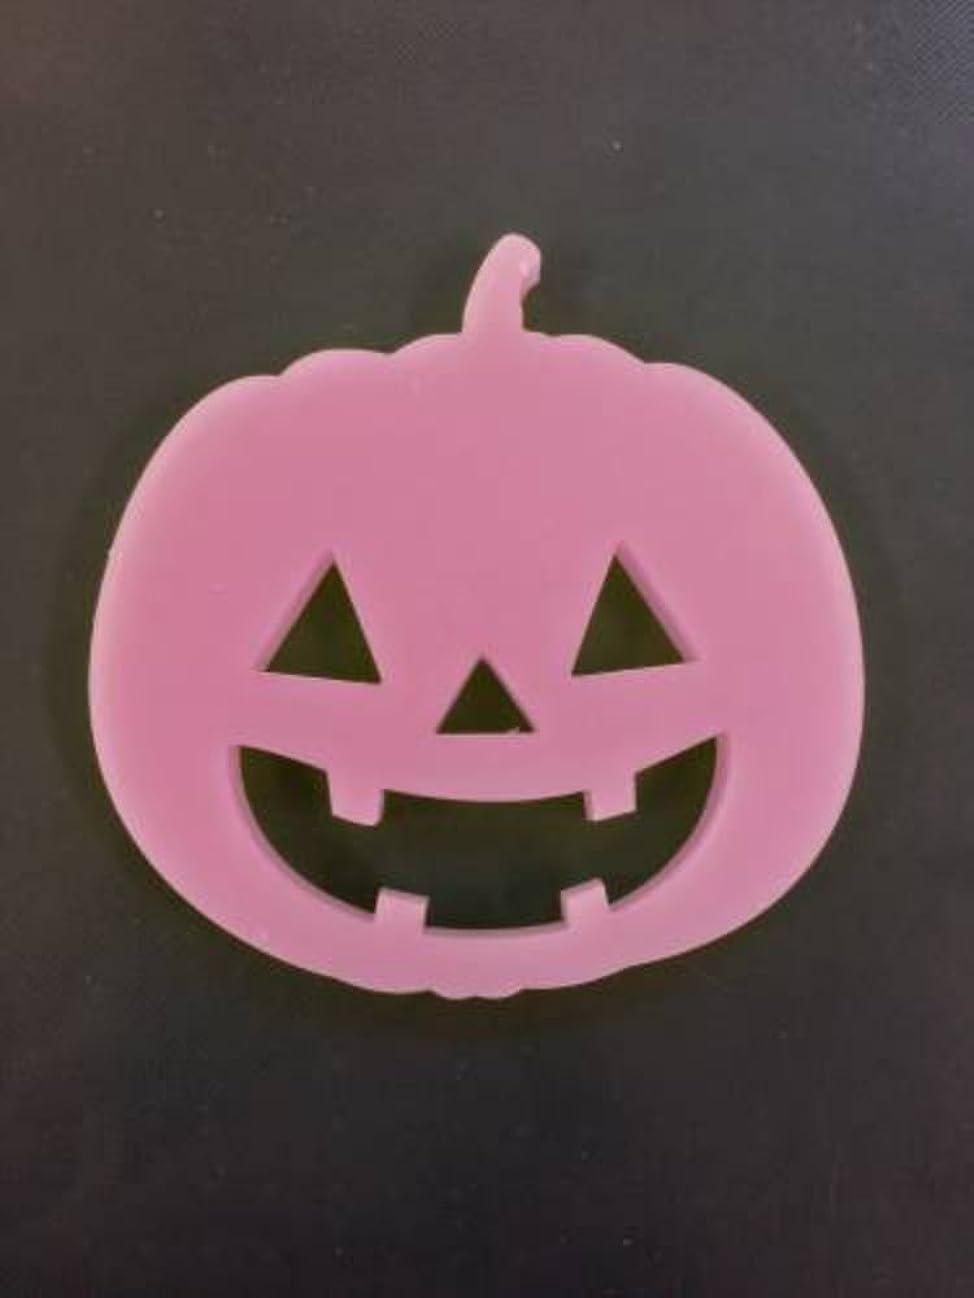 常習的うがい薬団結GRASSE TOKYO AROMATICWAXチャーム「ハロウィンかぼちゃ」(PI) ゼラニウム アロマティックワックス グラーストウキョウ